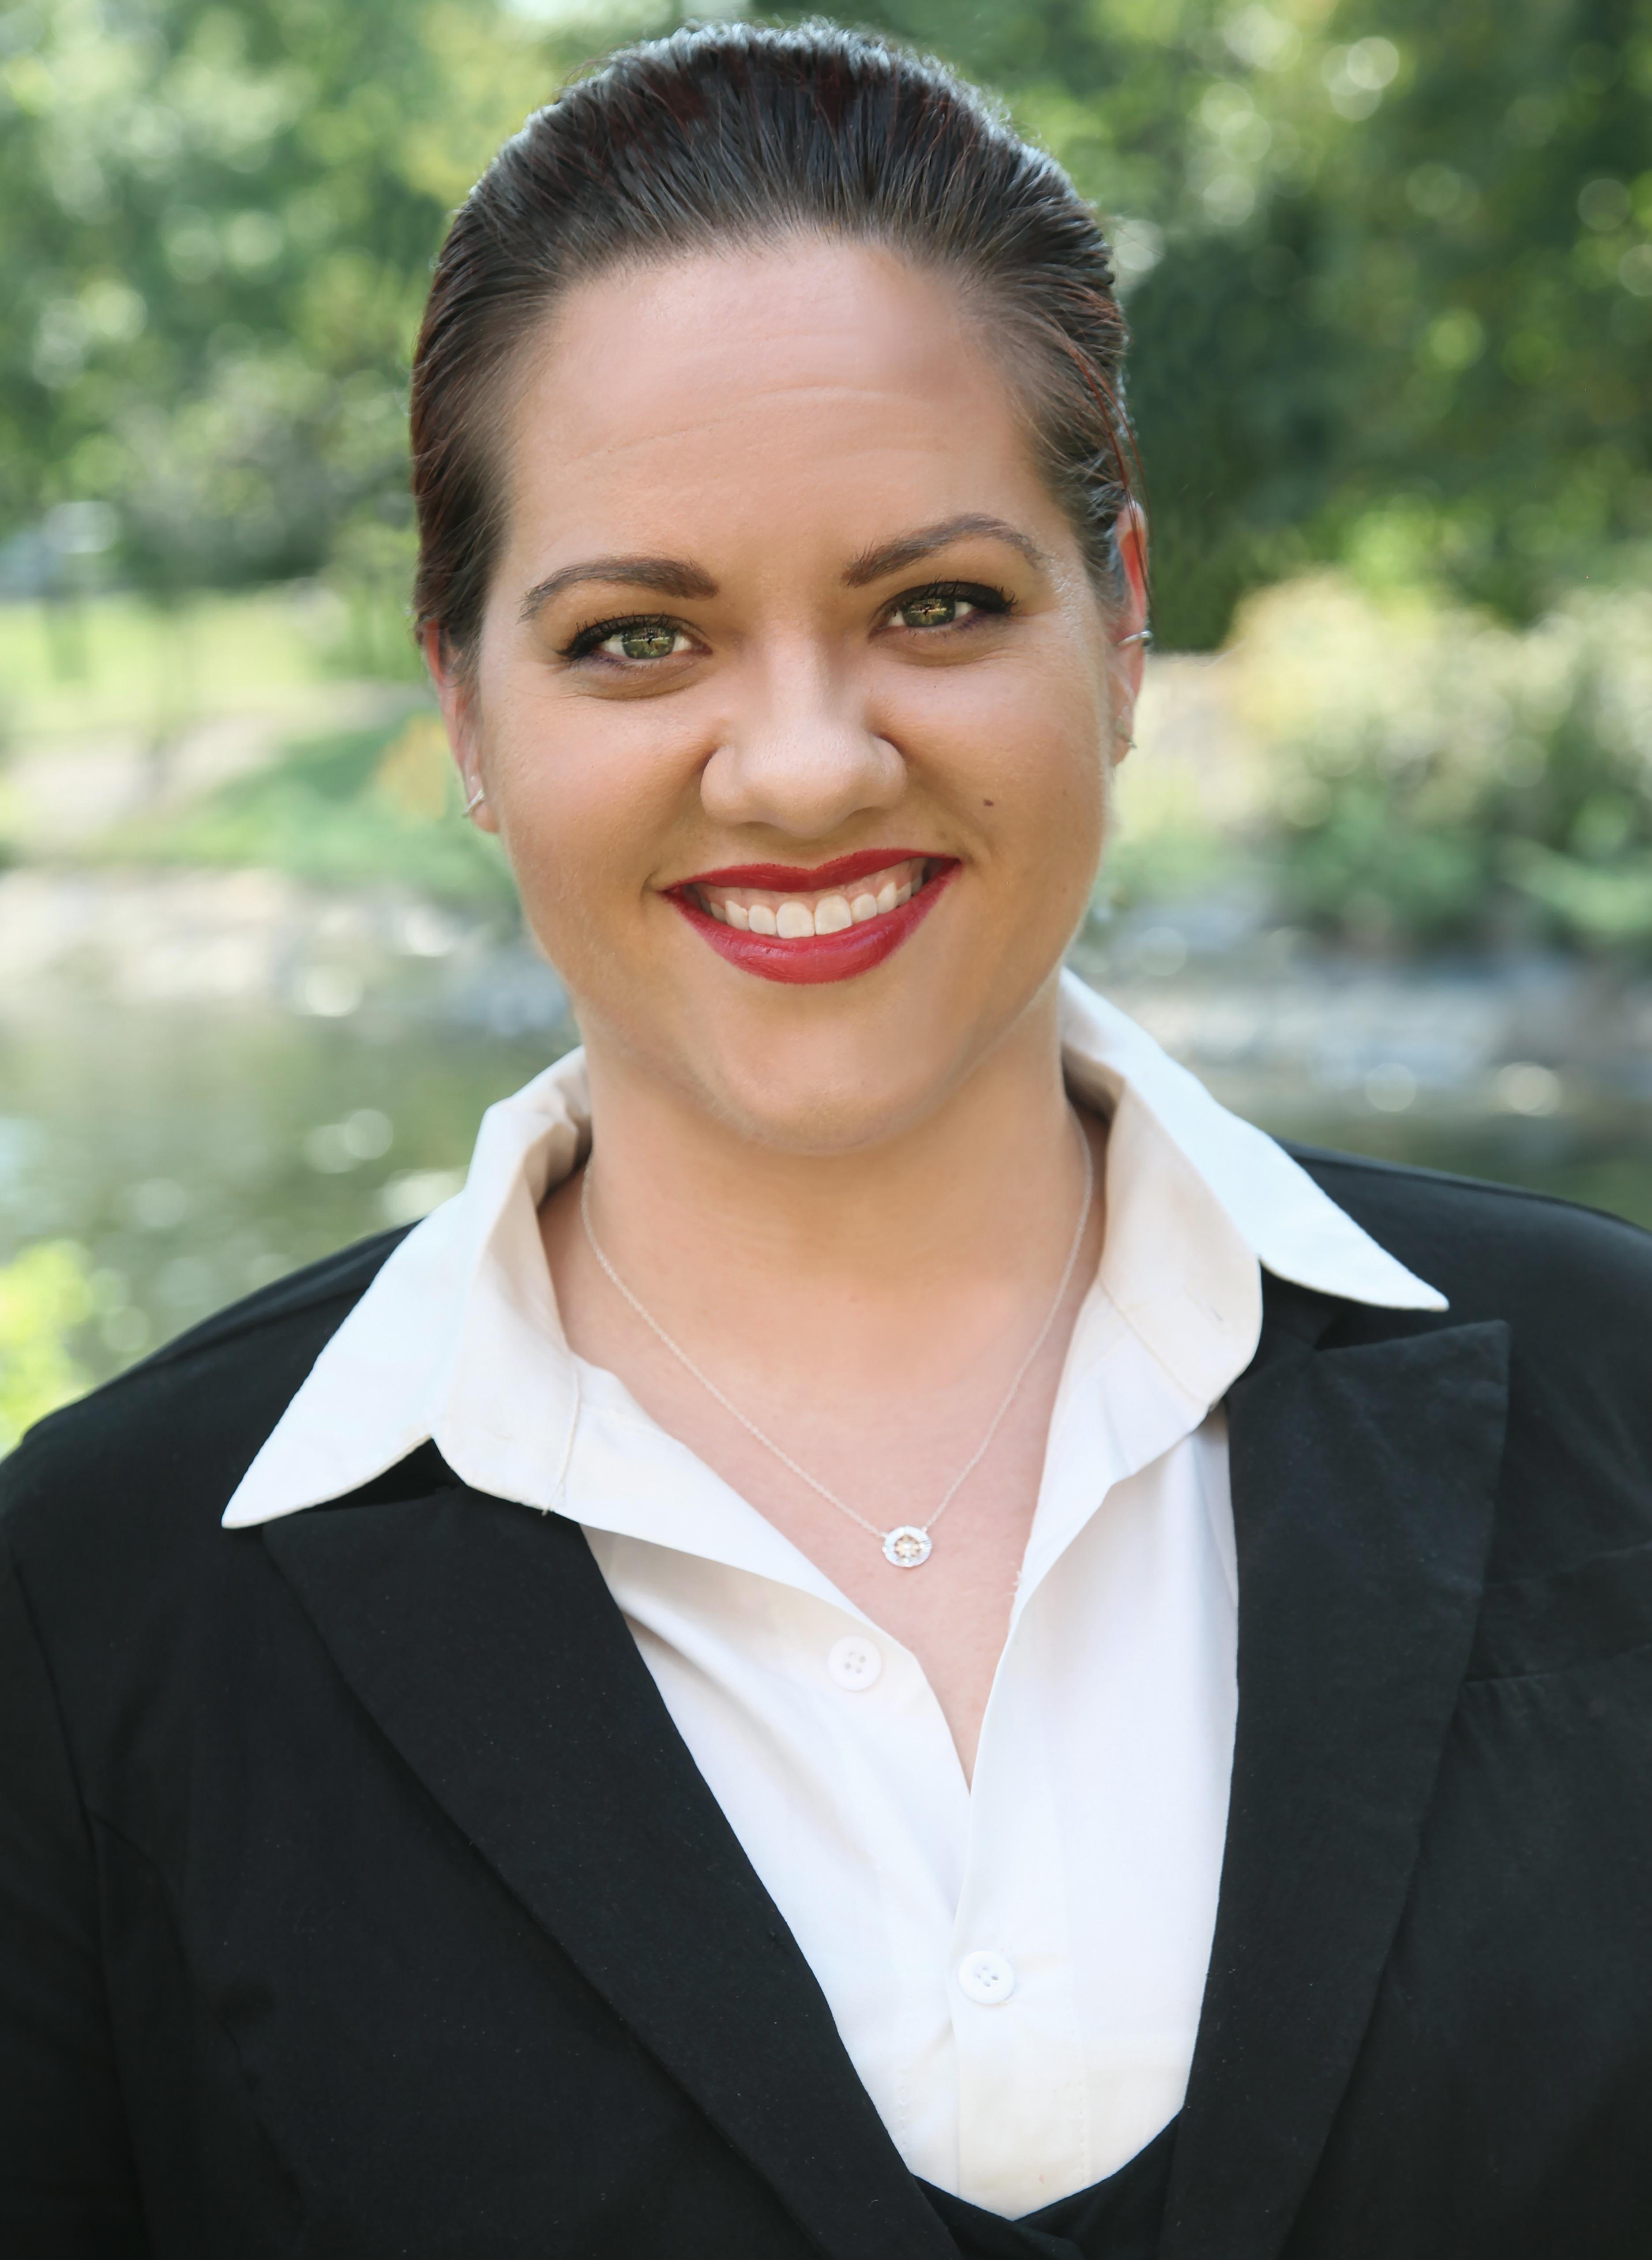 Stefanie Howerton